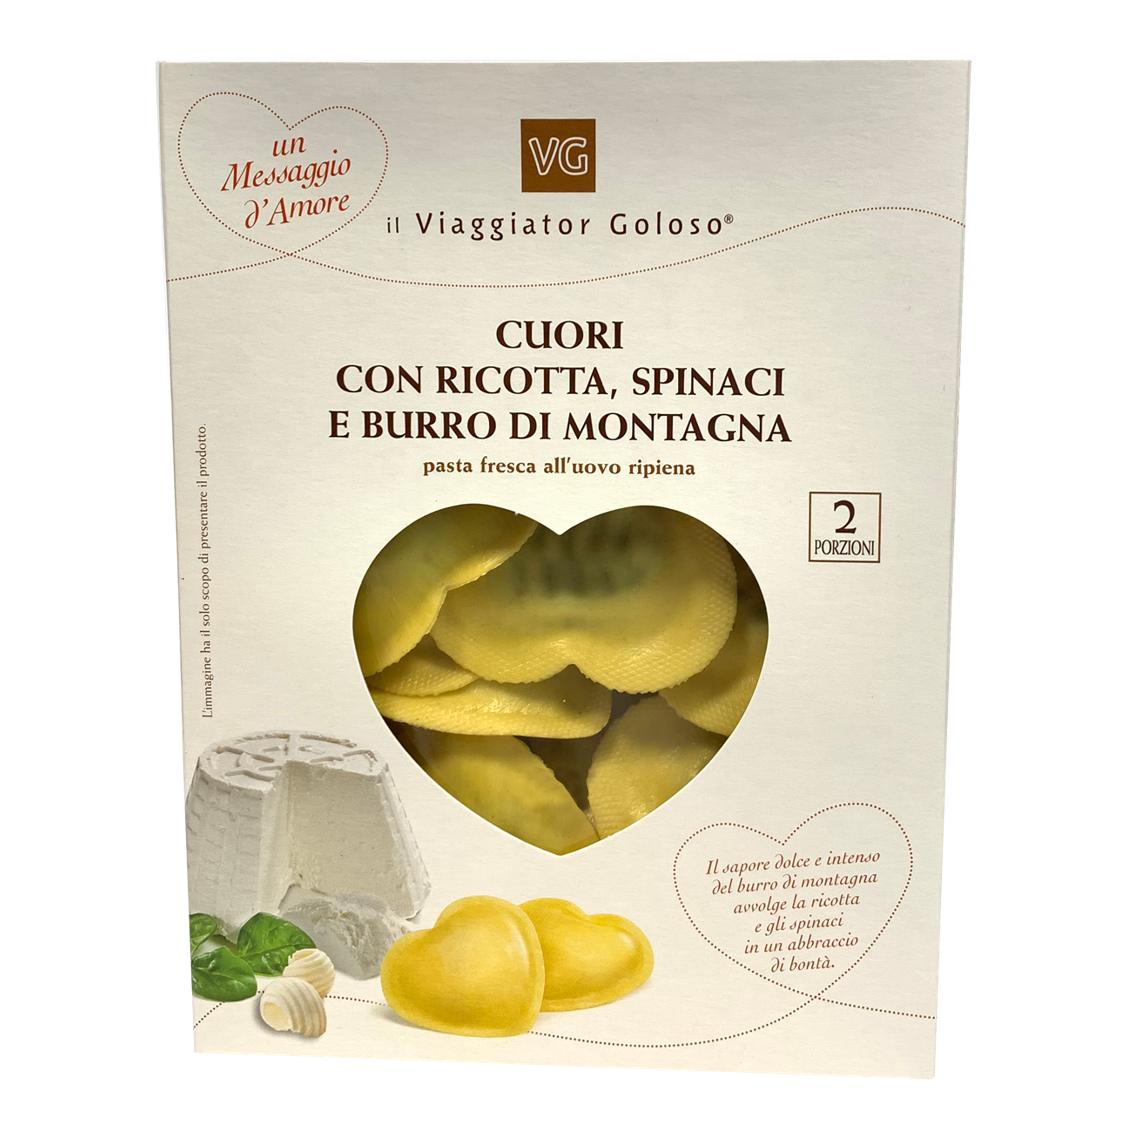 Cuori ripieni ricotta spinaci e burro